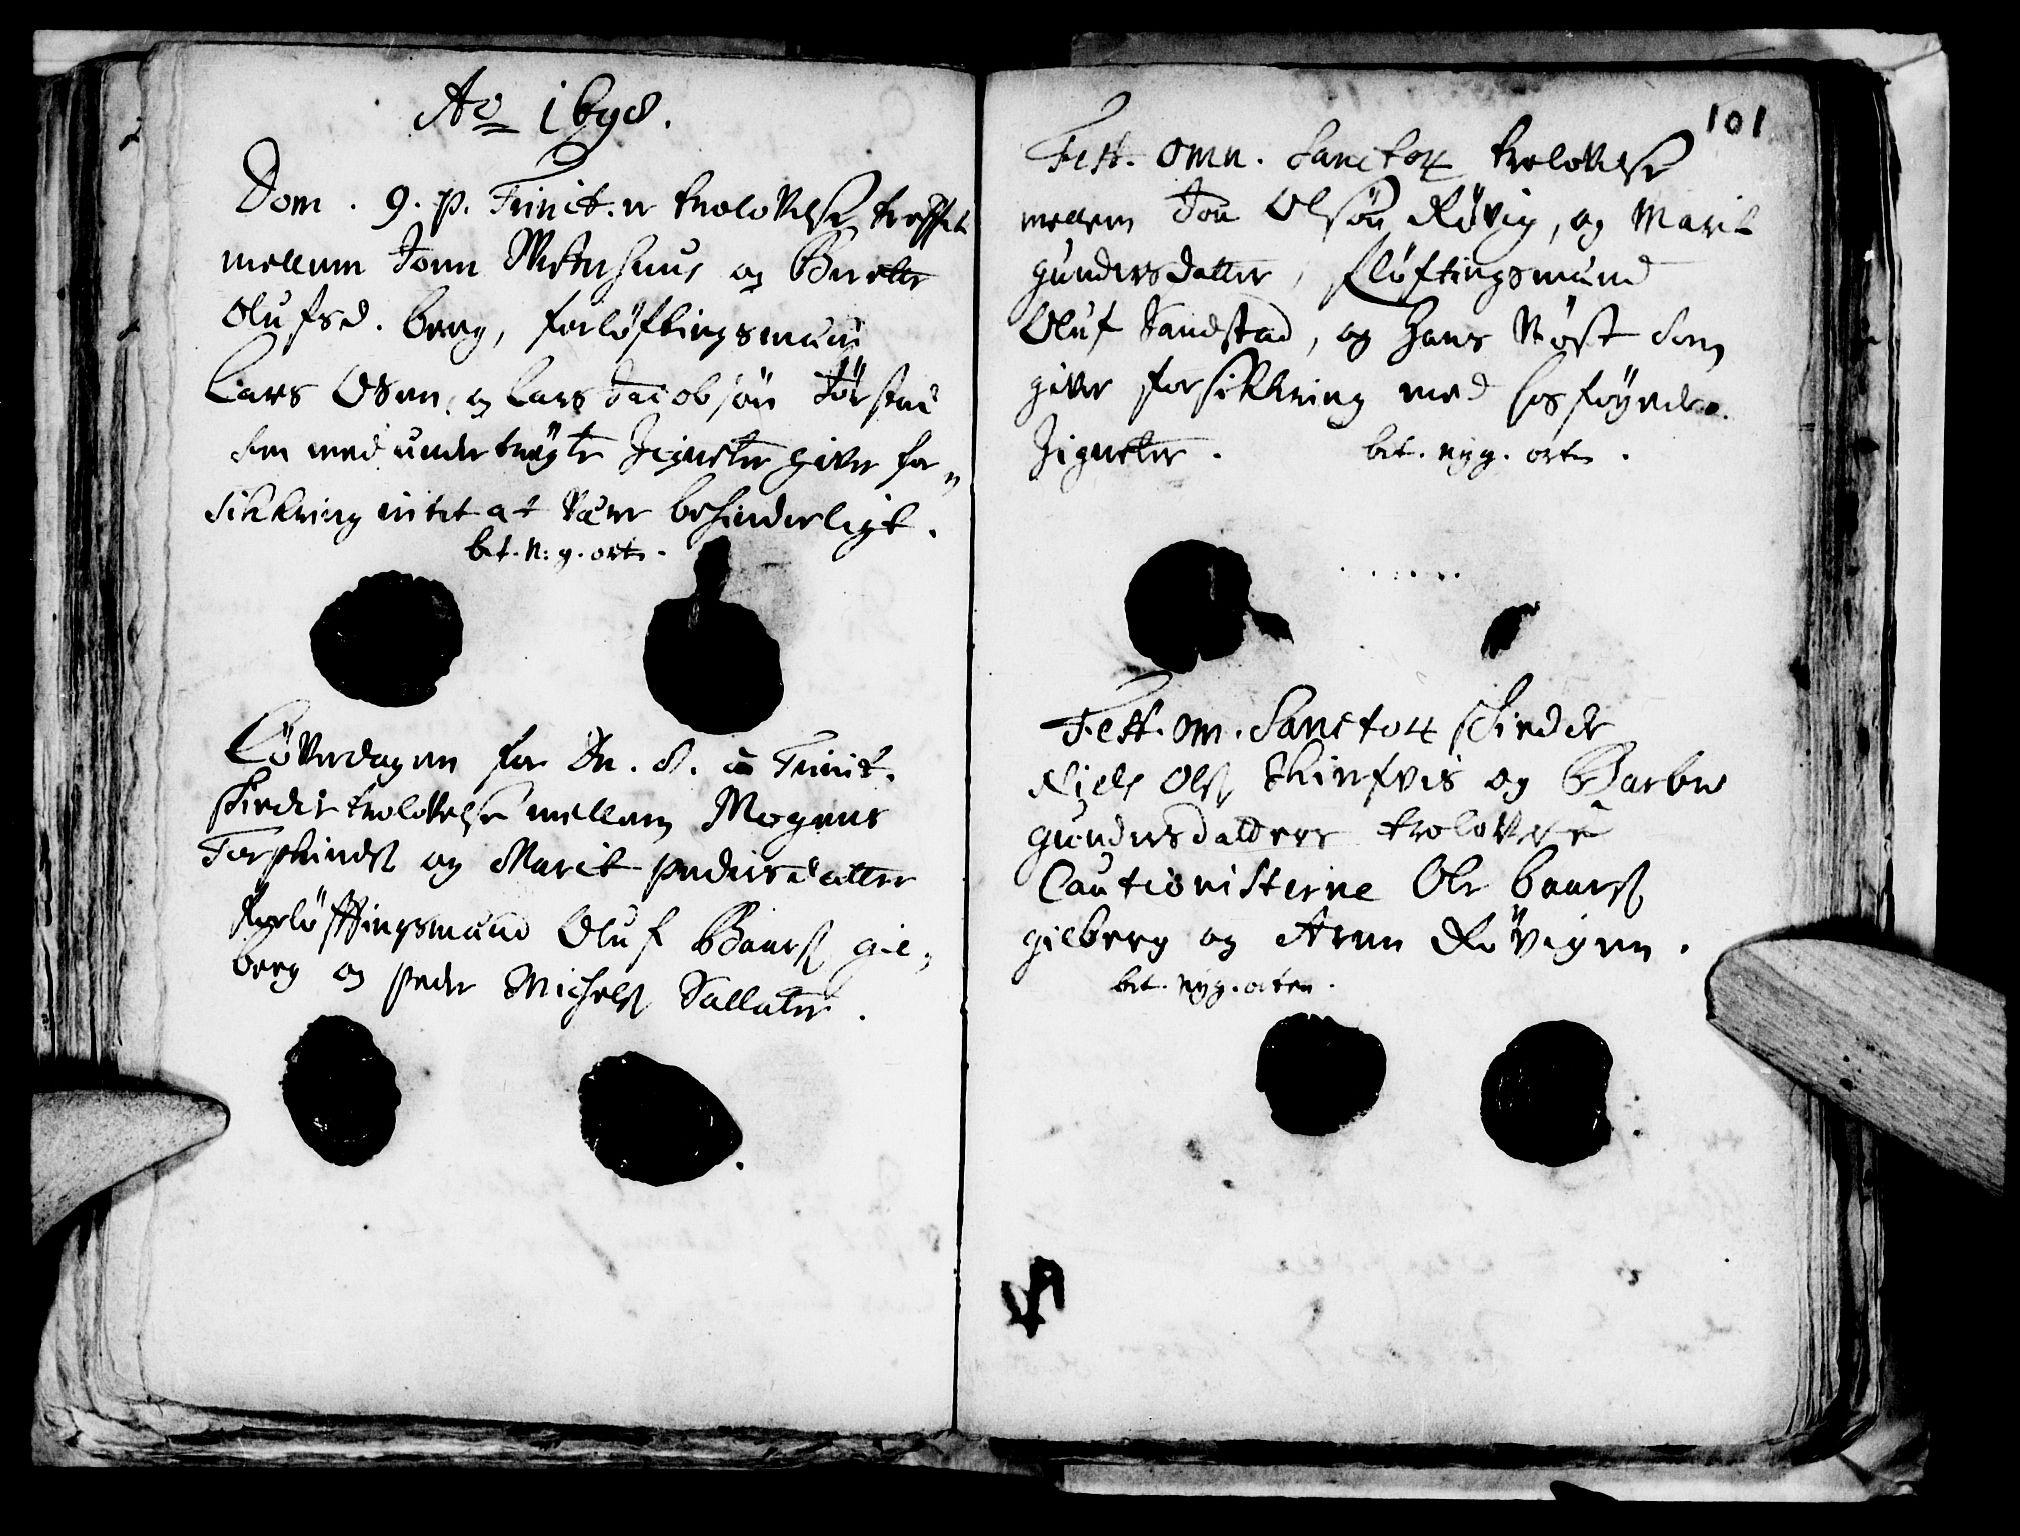 SAT, Ministerialprotokoller, klokkerbøker og fødselsregistre - Nord-Trøndelag, 722/L0214: Ministerialbok nr. 722A01, 1692-1718, s. 101